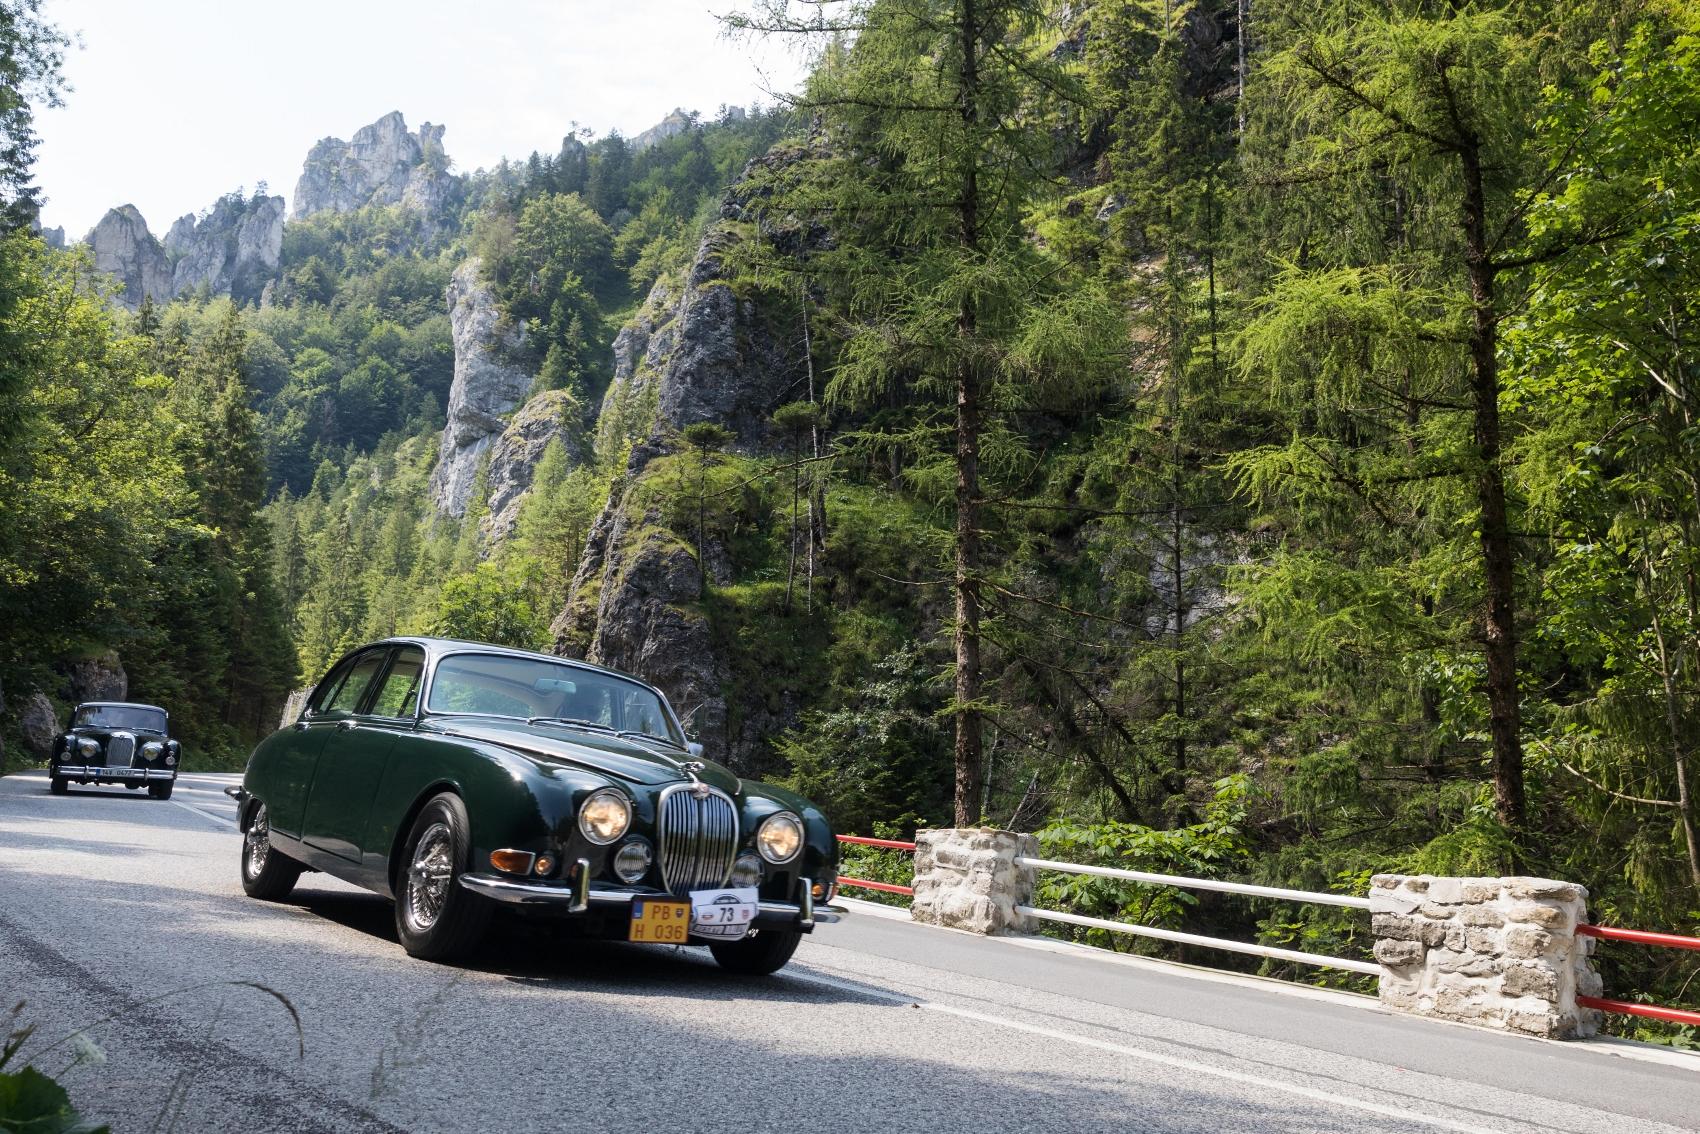 Pozrite si galériu z podujatia Beskyd Rallye – memoriál Ladislava Dlhopolčeka 2020 JsHBR5nFCy turzov